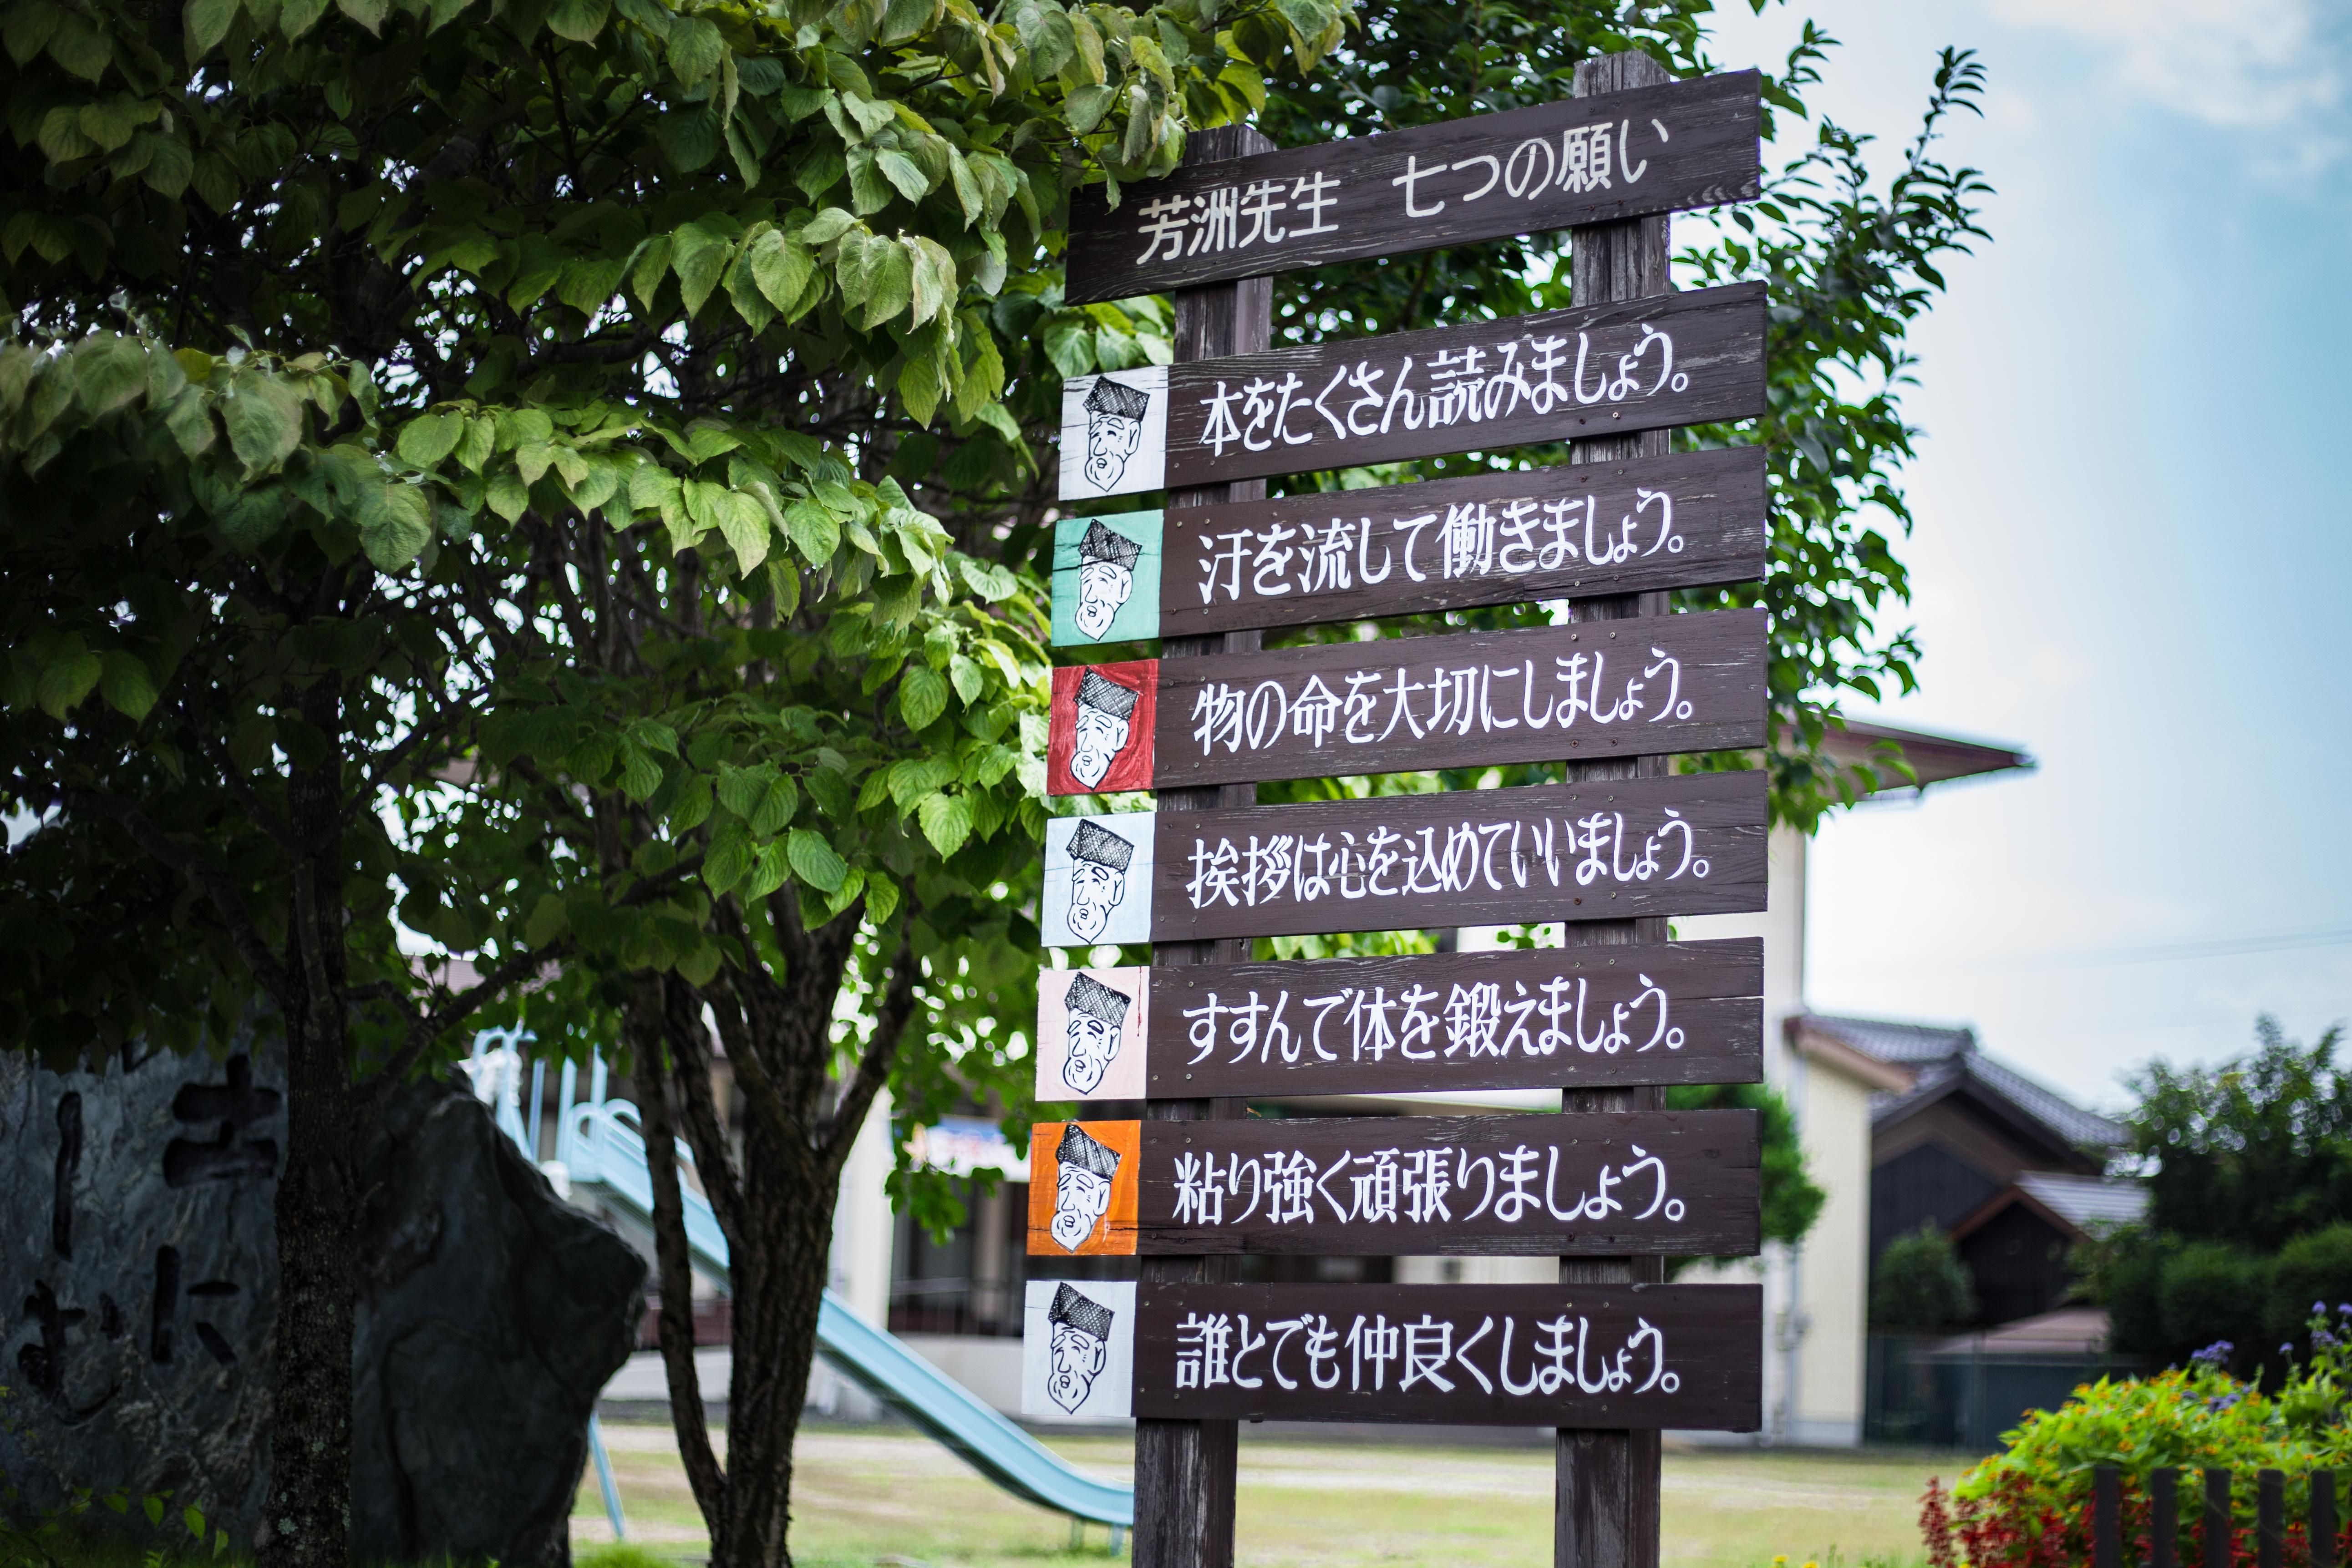 長浜市の子どもたちは、小さい頃から芳洲先生に学び、気付きを得て育ってきました